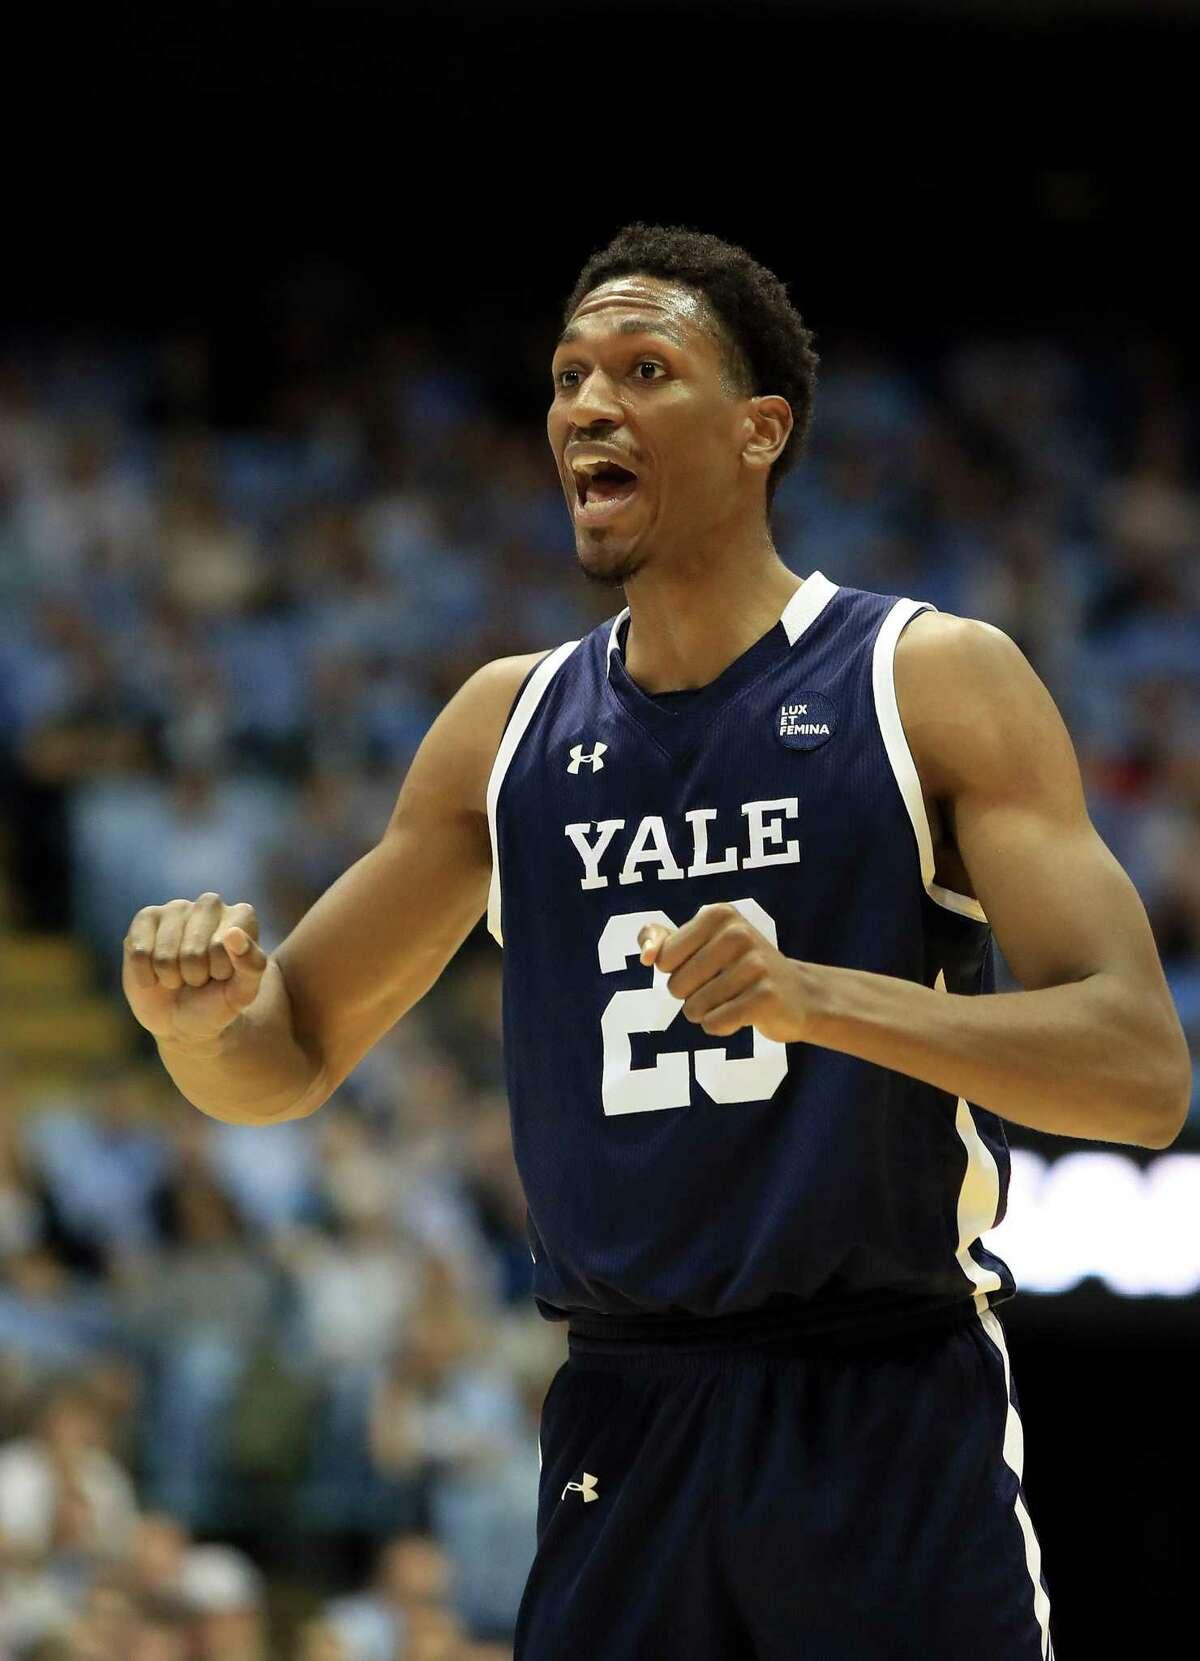 Yale's Jordan Bruner.